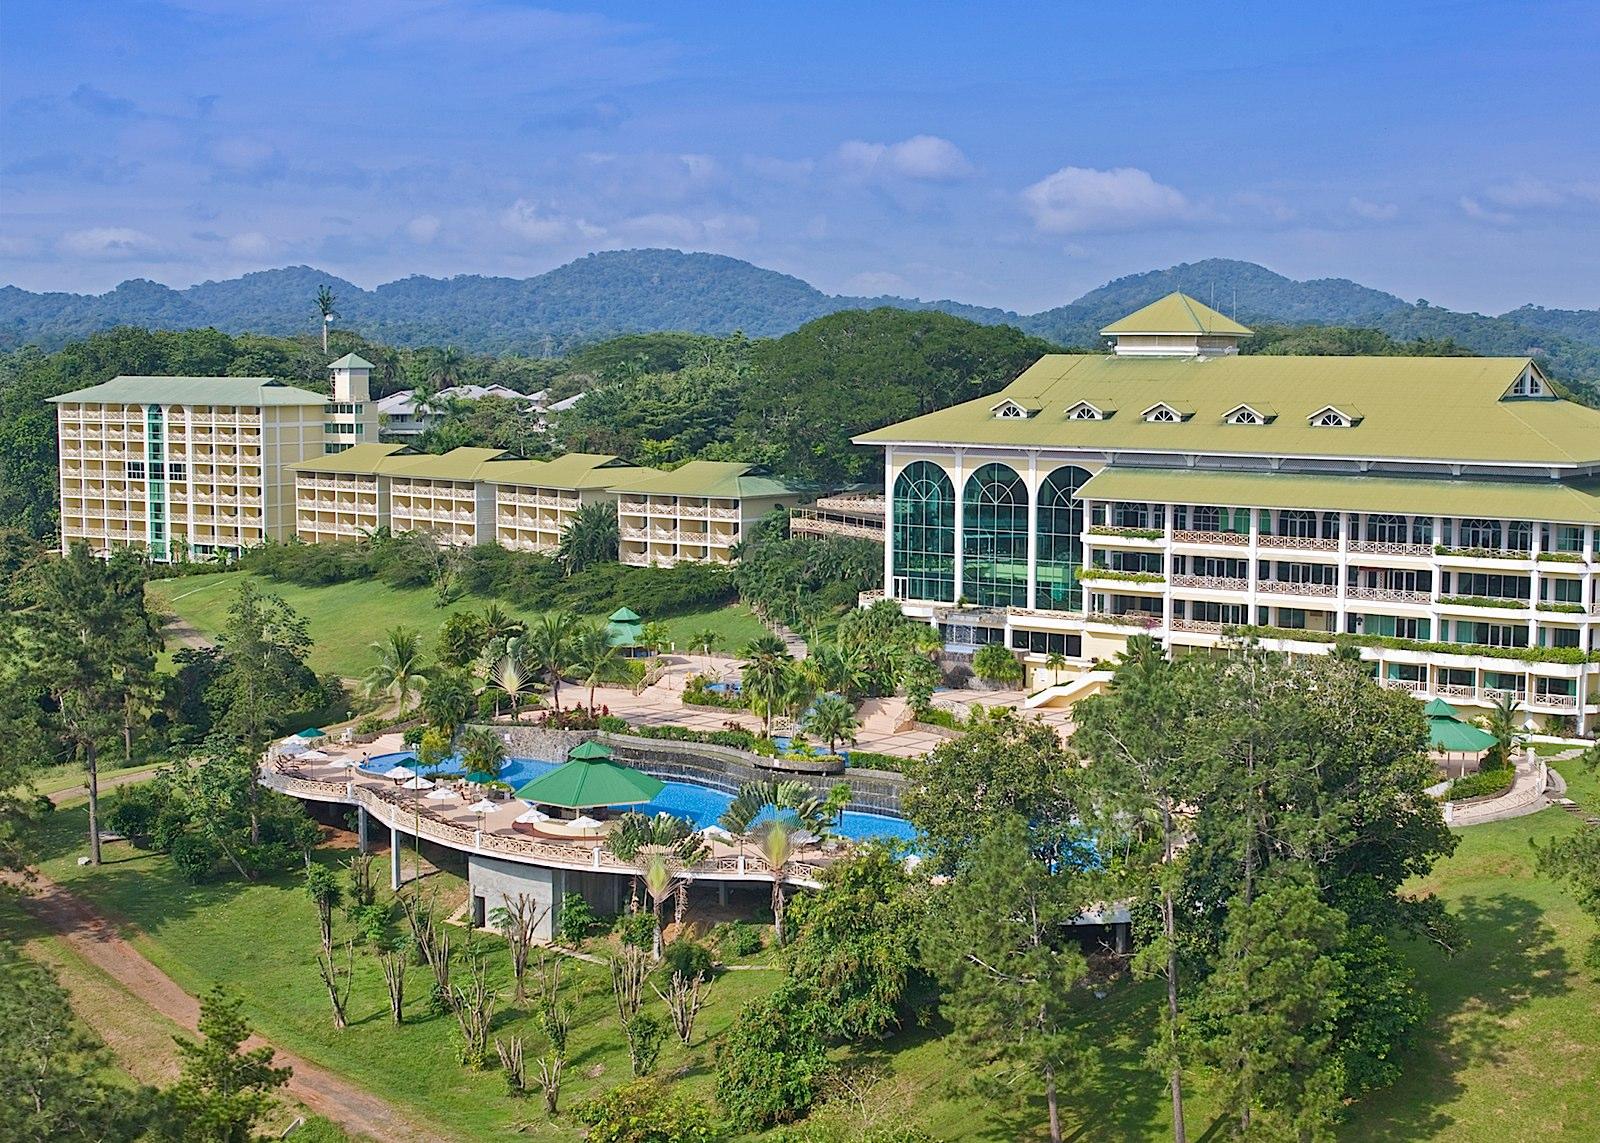 Gamboa Rainforest Resort Panama Travel By Bob